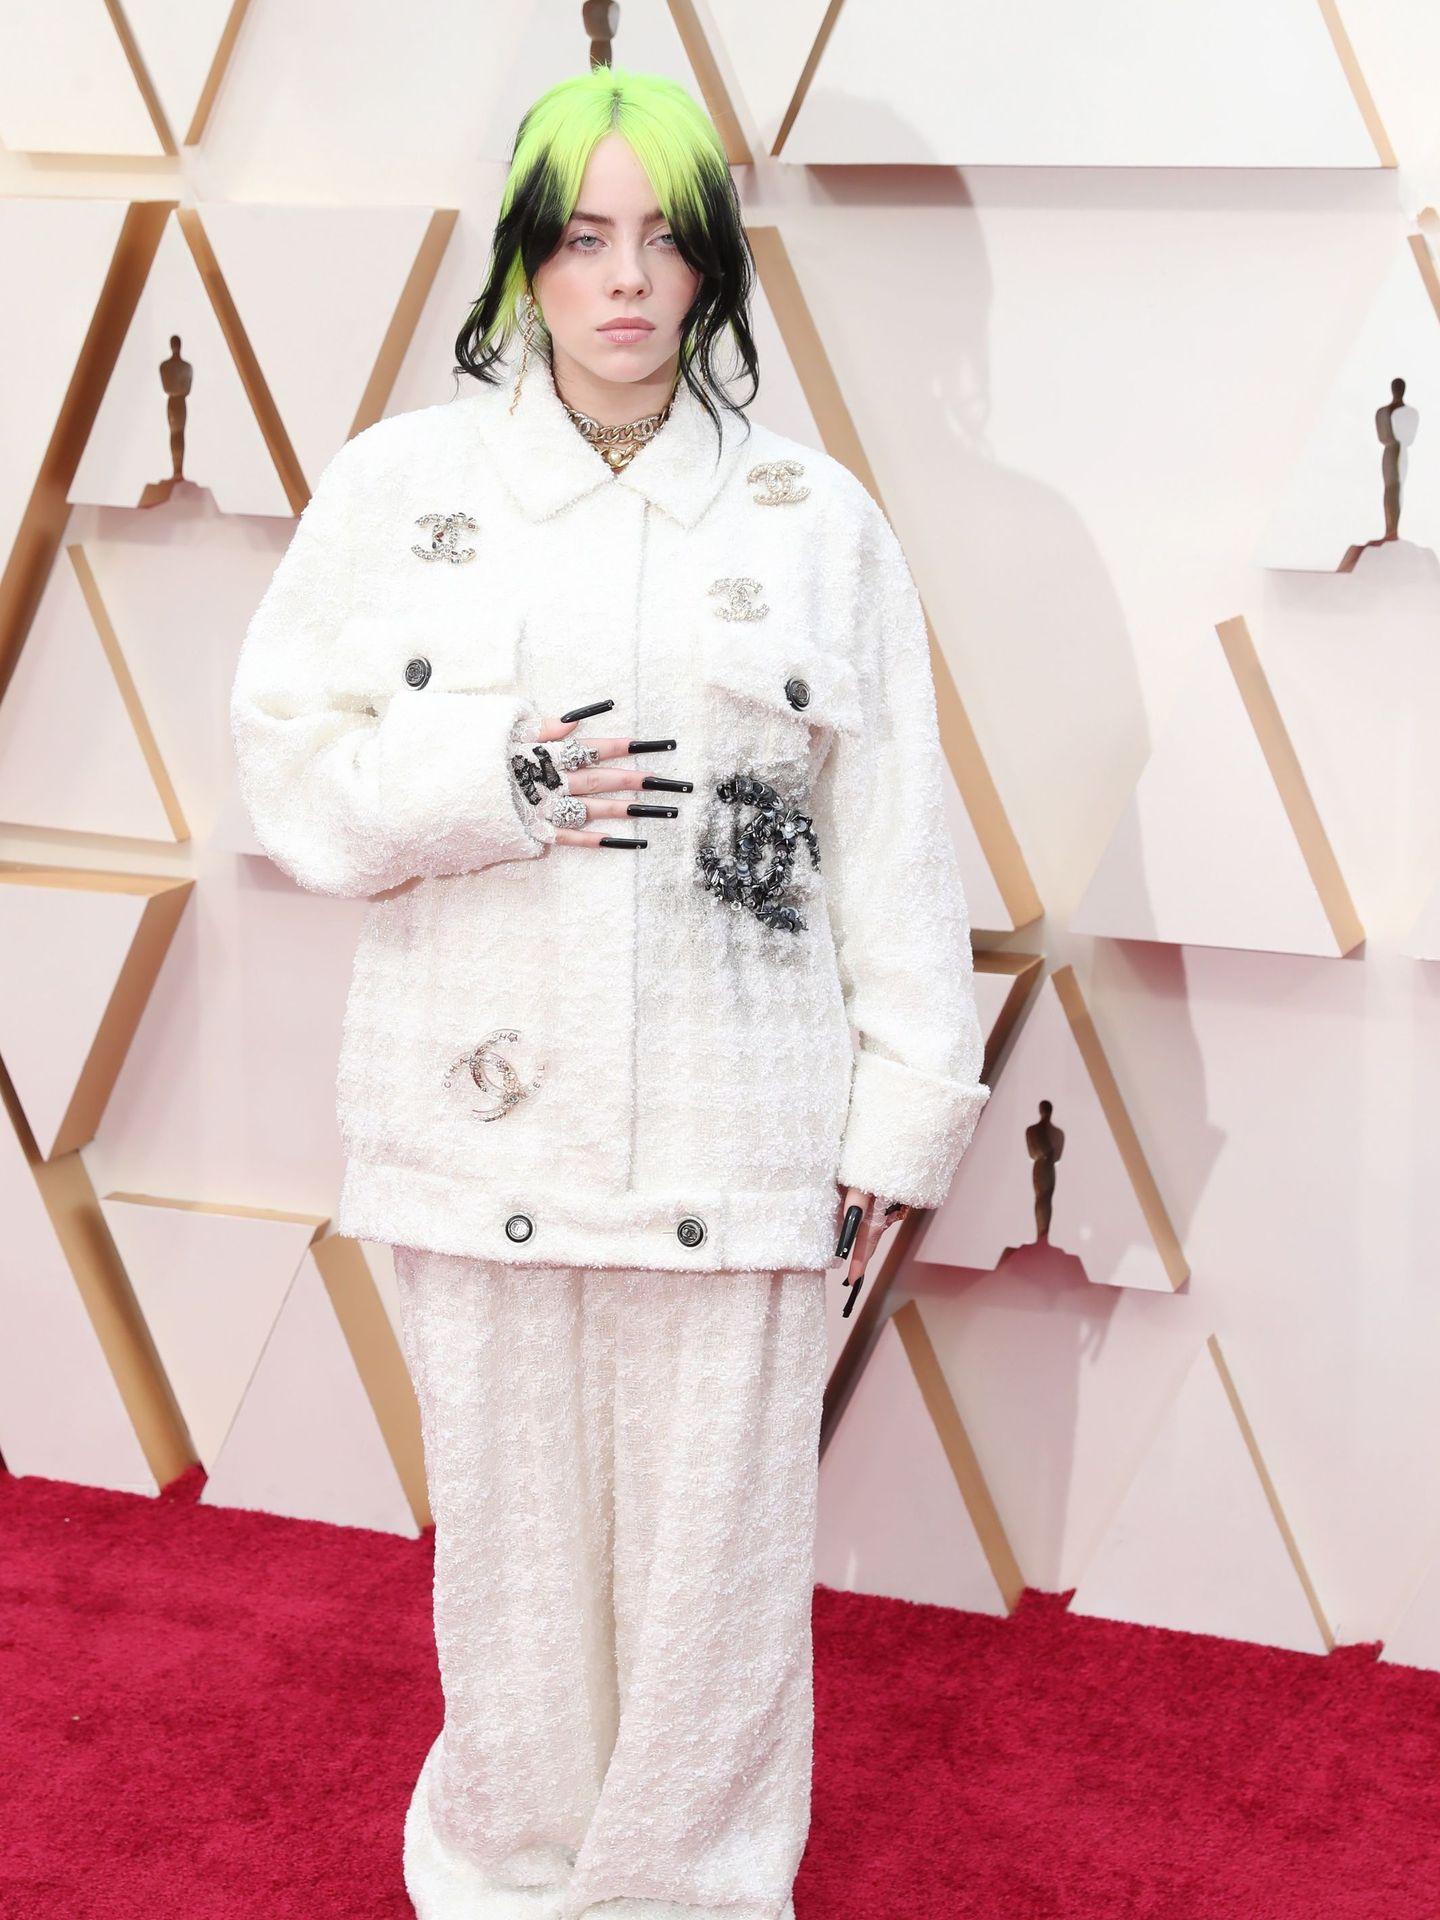 La cantante Billie Eilish, de Chanel, en la alfombra roja de los Oscar. (EFE)